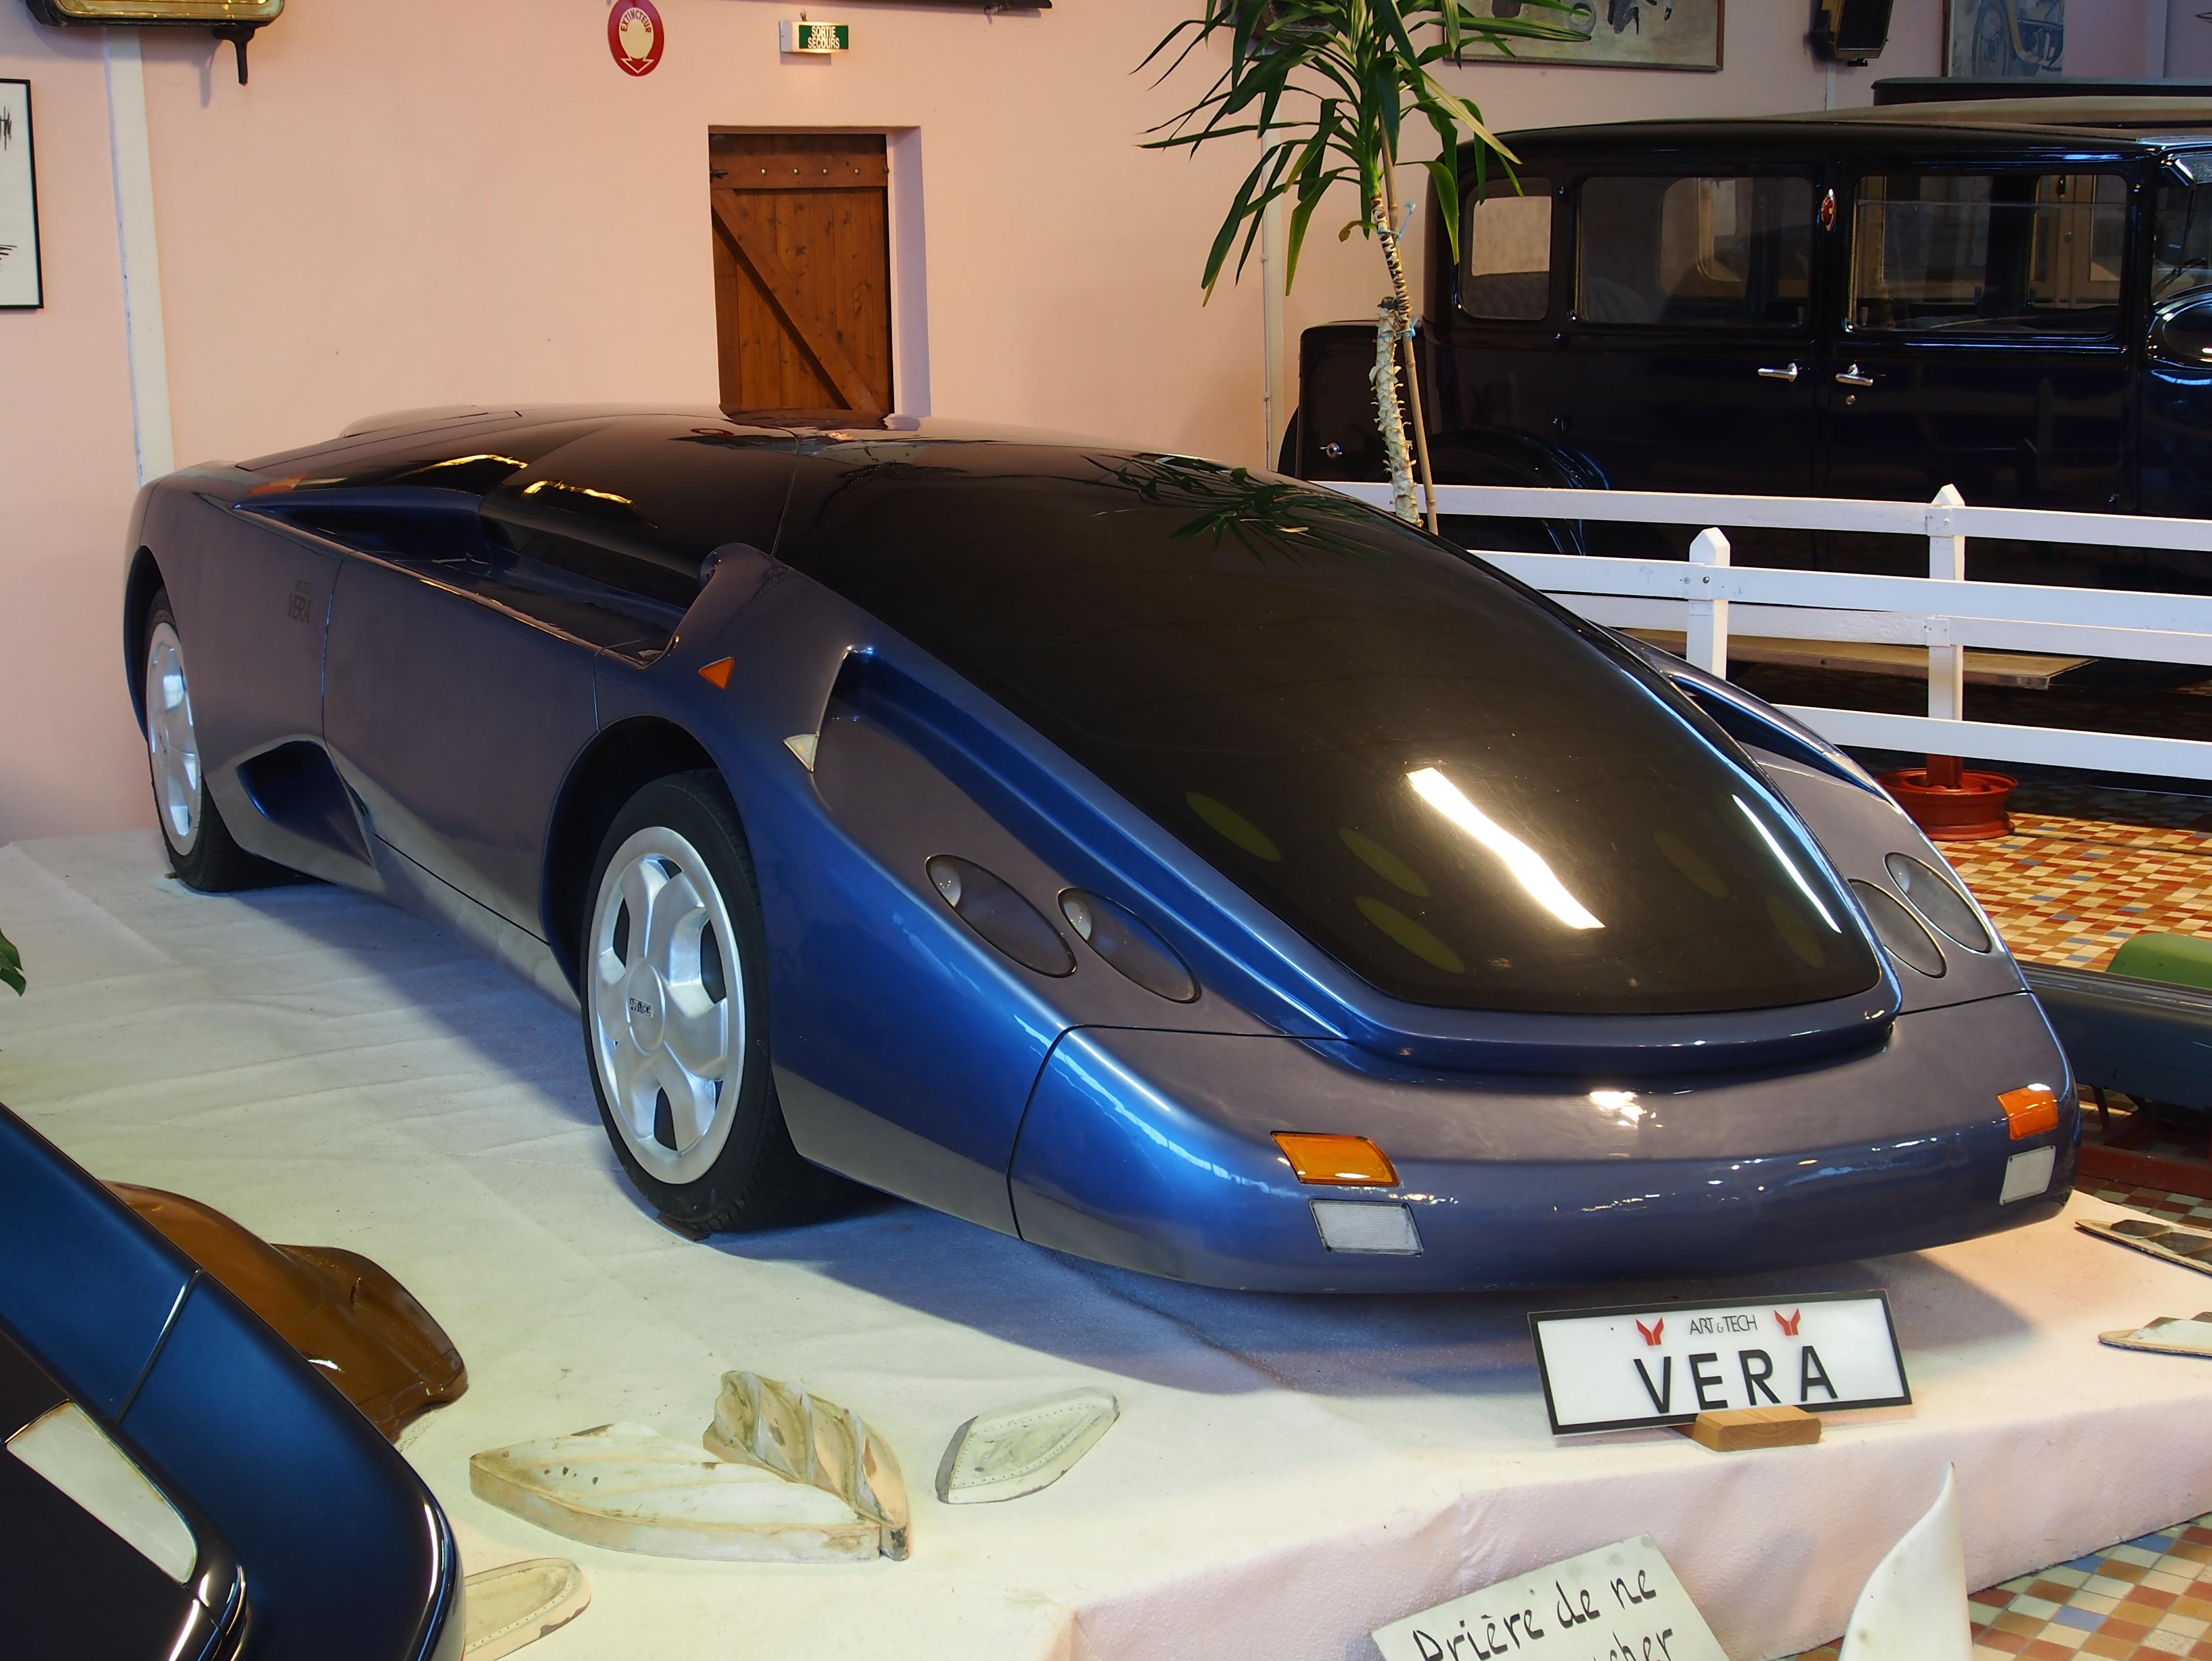 file art tech vera concept car at the mus e automobile de vend e pic 06 jpg wikimedia commons. Black Bedroom Furniture Sets. Home Design Ideas